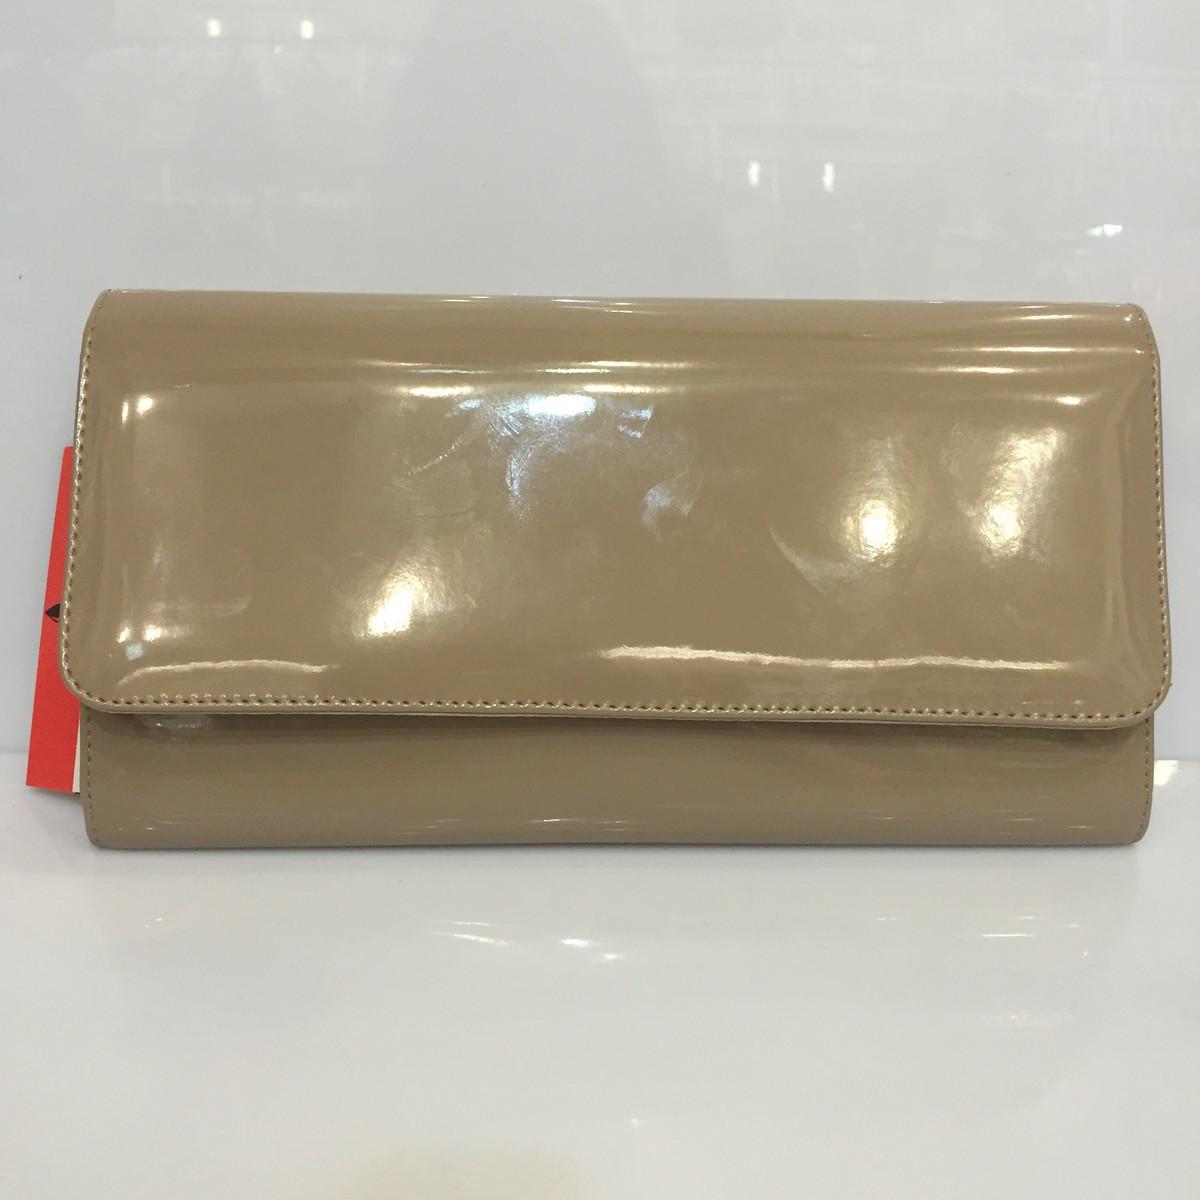 669e68616632 Женская сумка клатч Bars Барс 995 лаковый бежевый классический ...